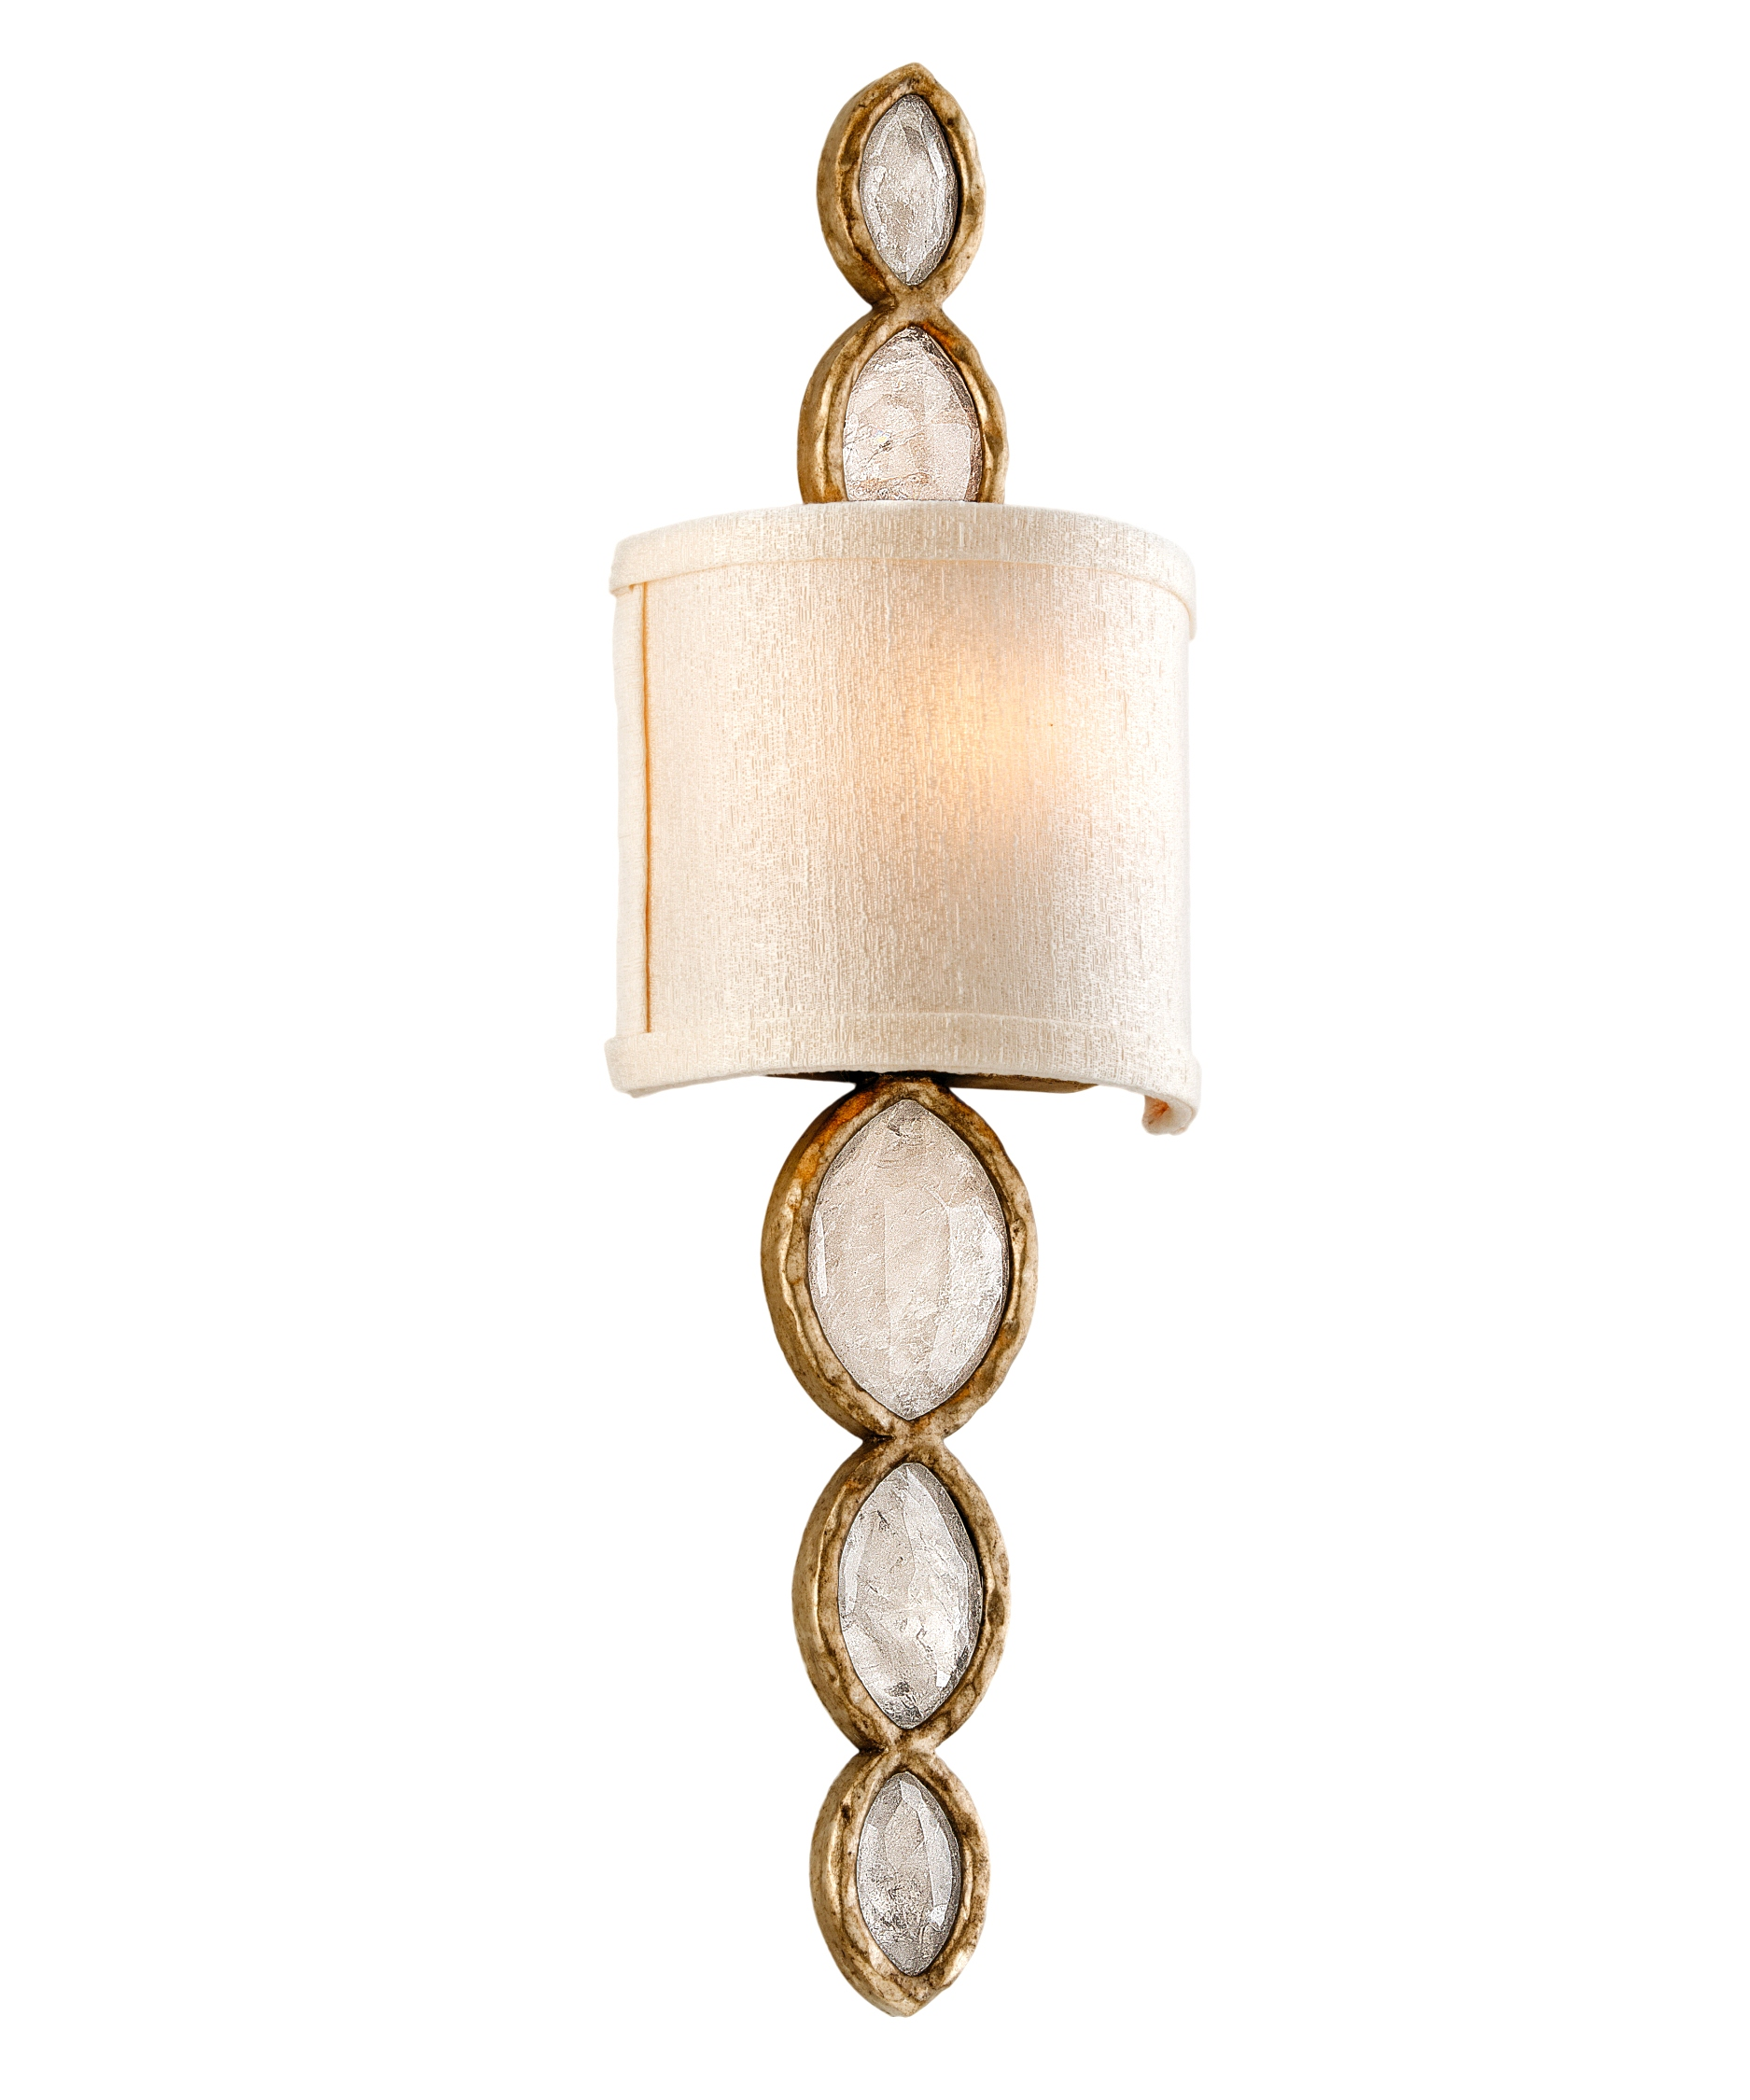 Lighting-Modern-Sconces | ppm